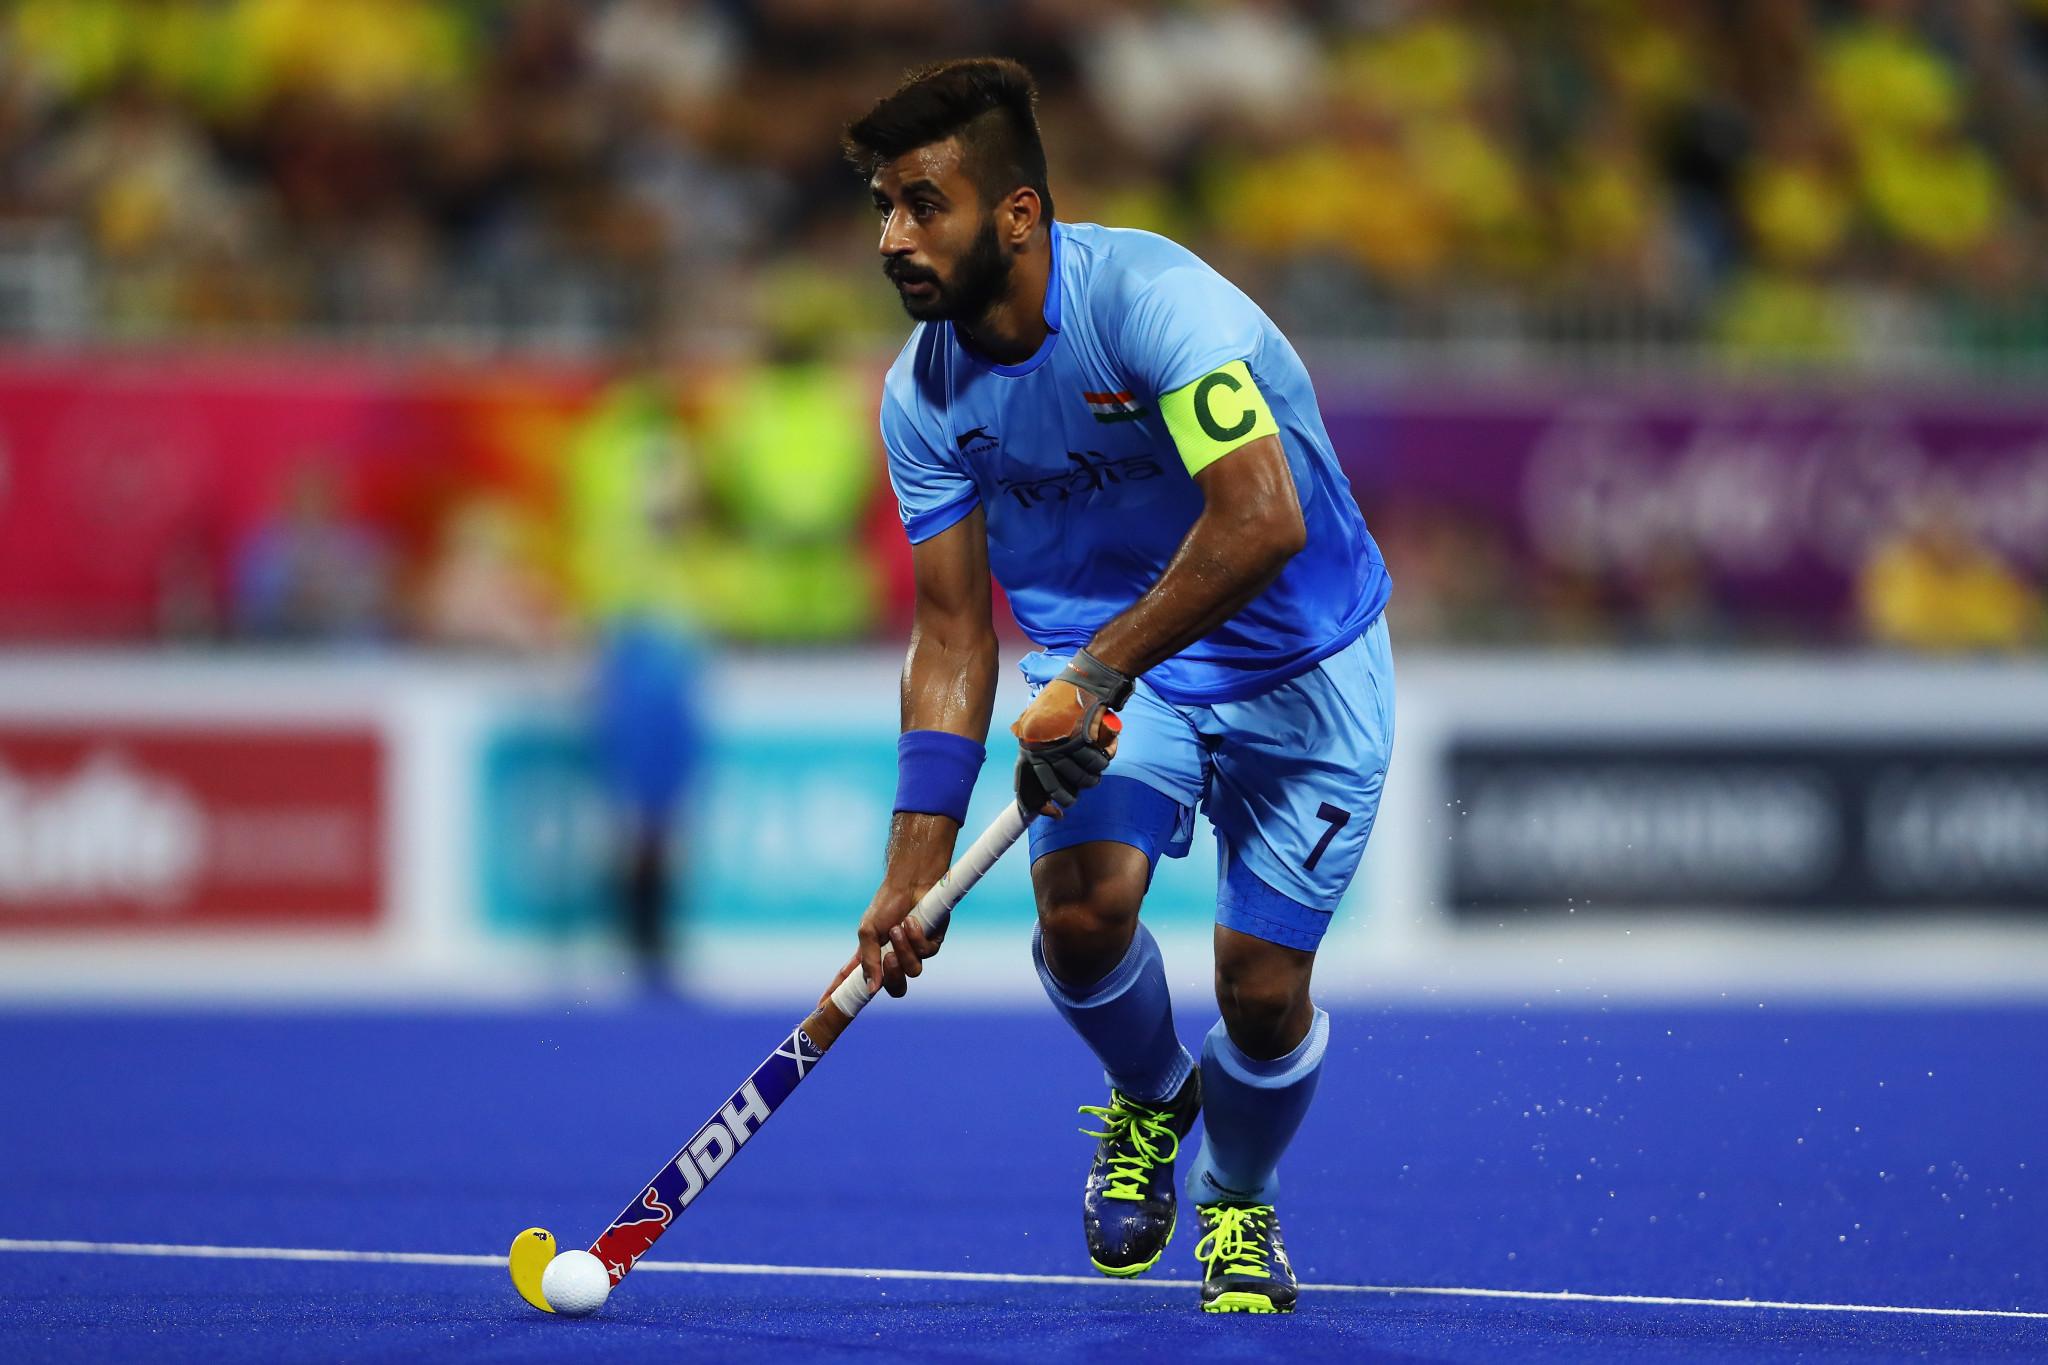 Indian men's hockey team target Asian Games gold at Hangzhou 2022